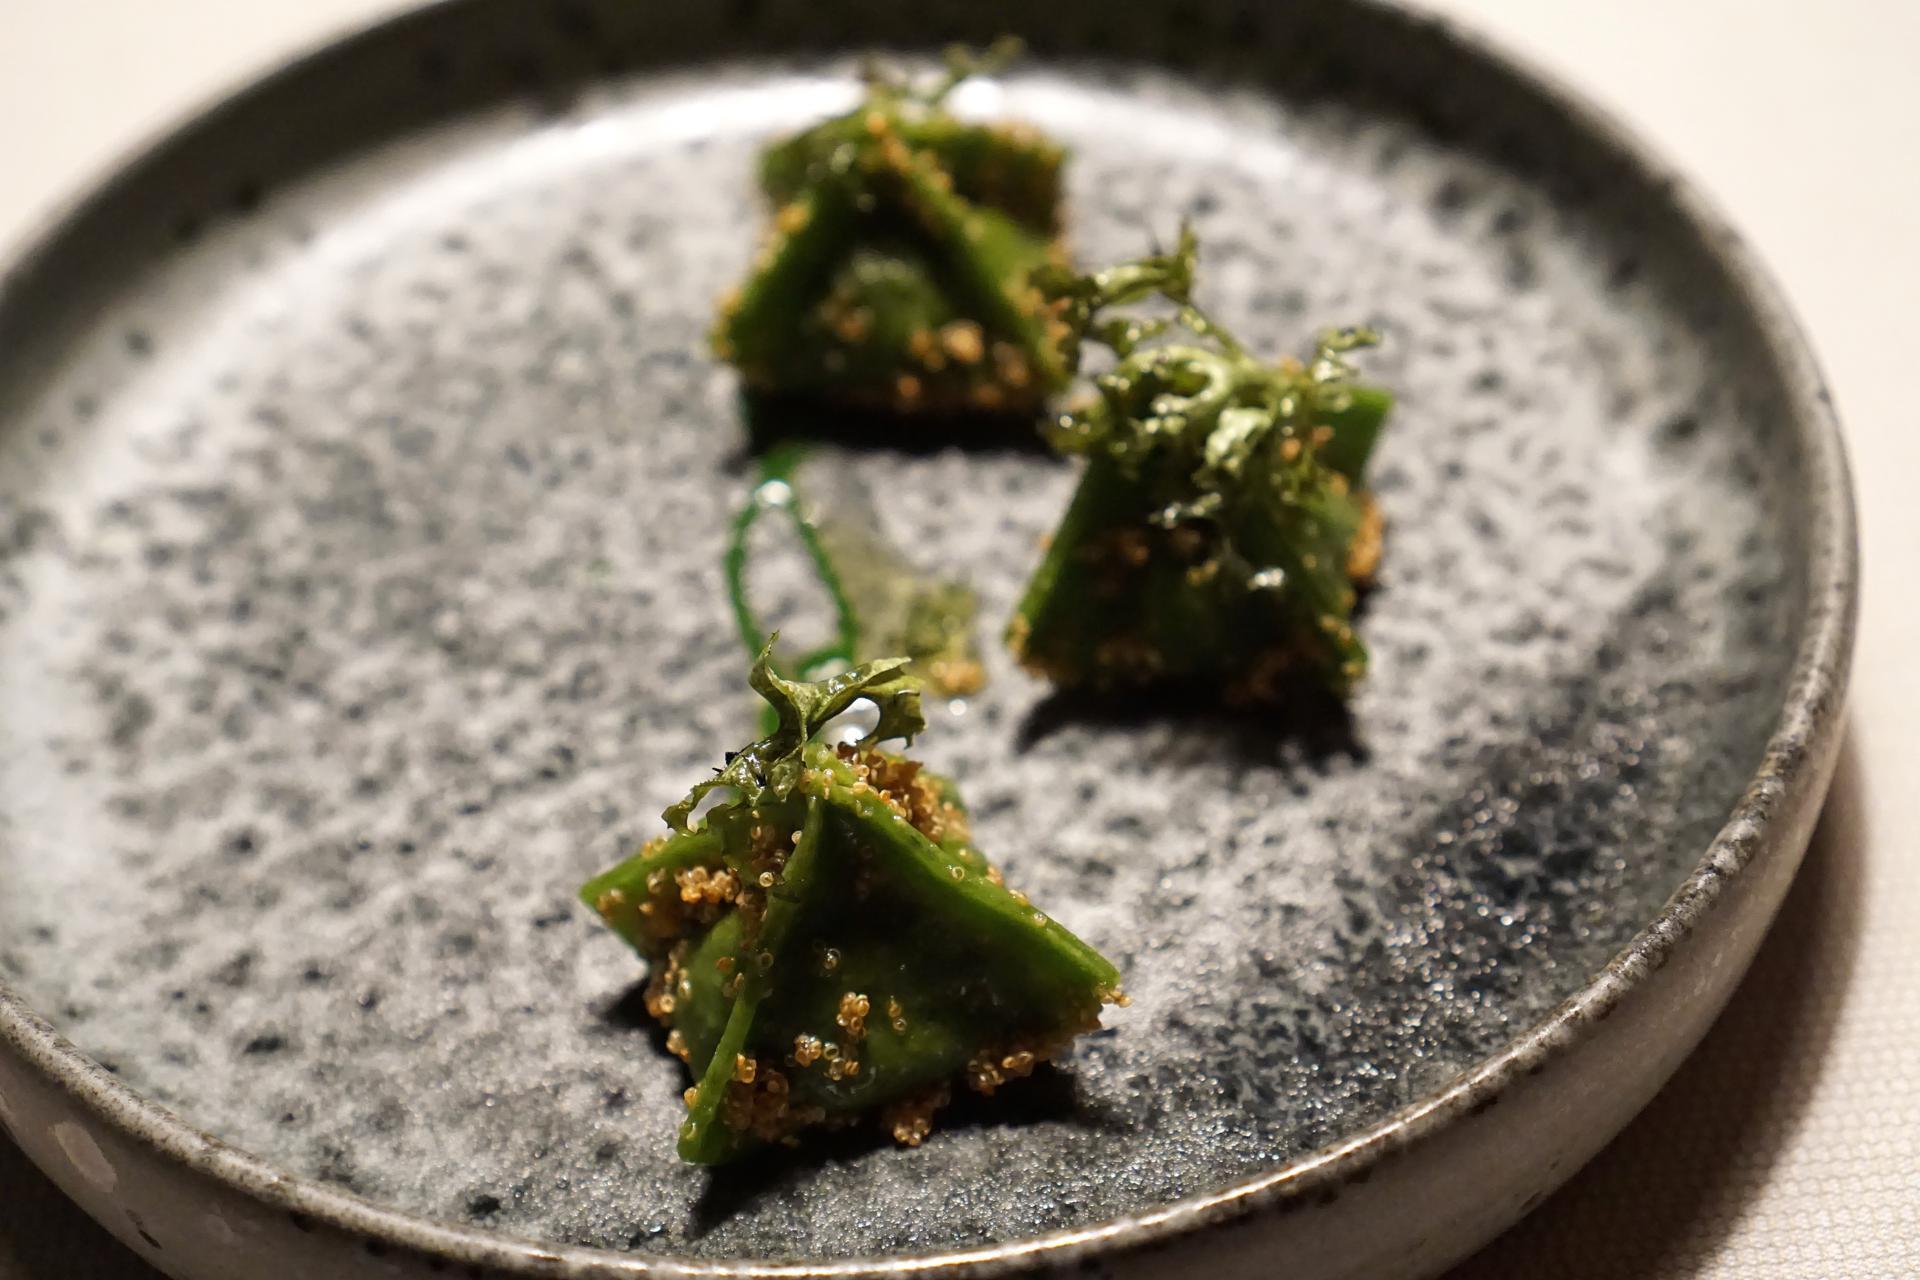 2000 semi Erbe Massa cerfoglio aroma anice